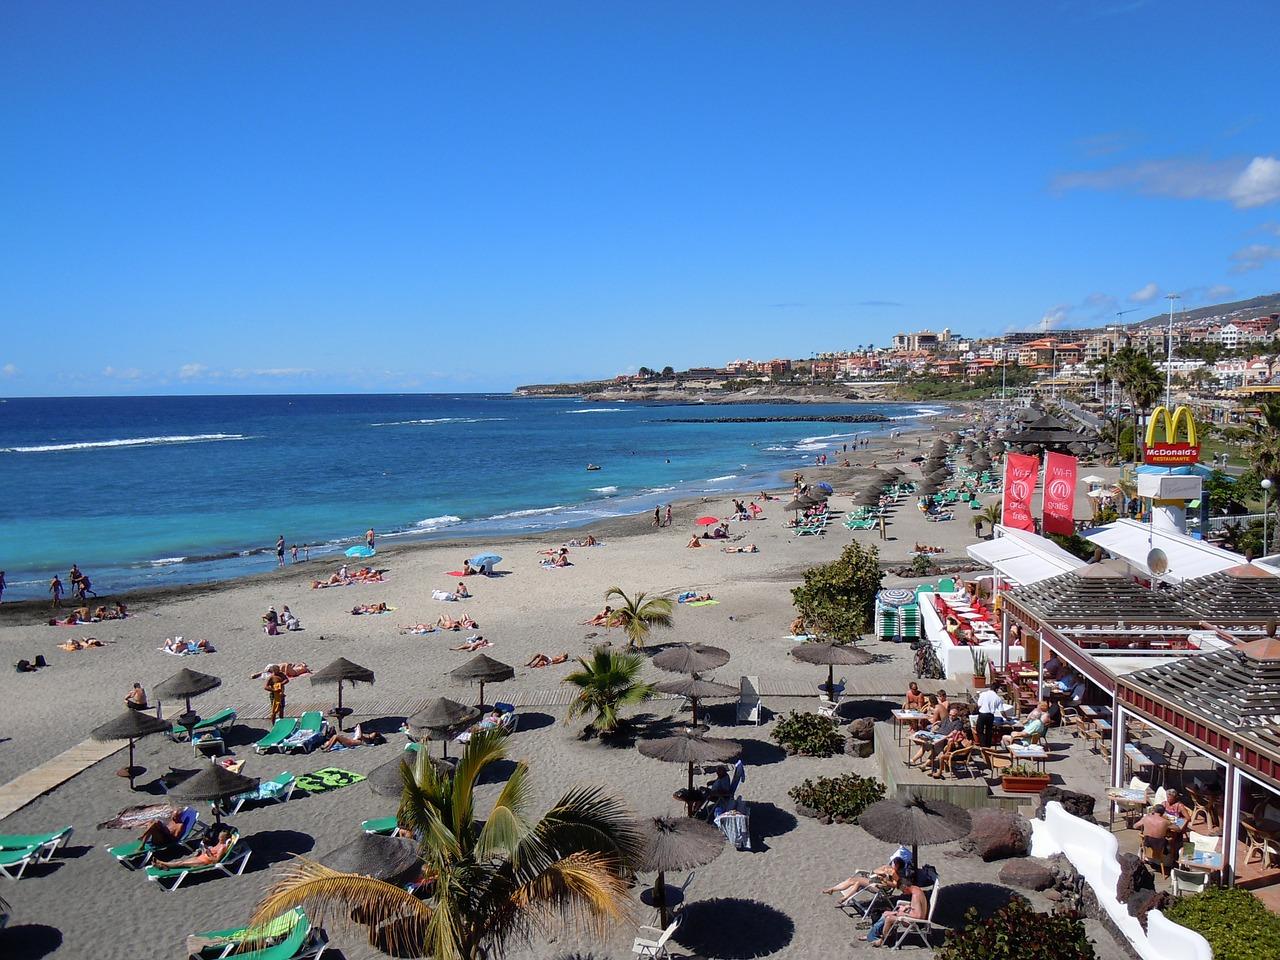 Tenerife mare